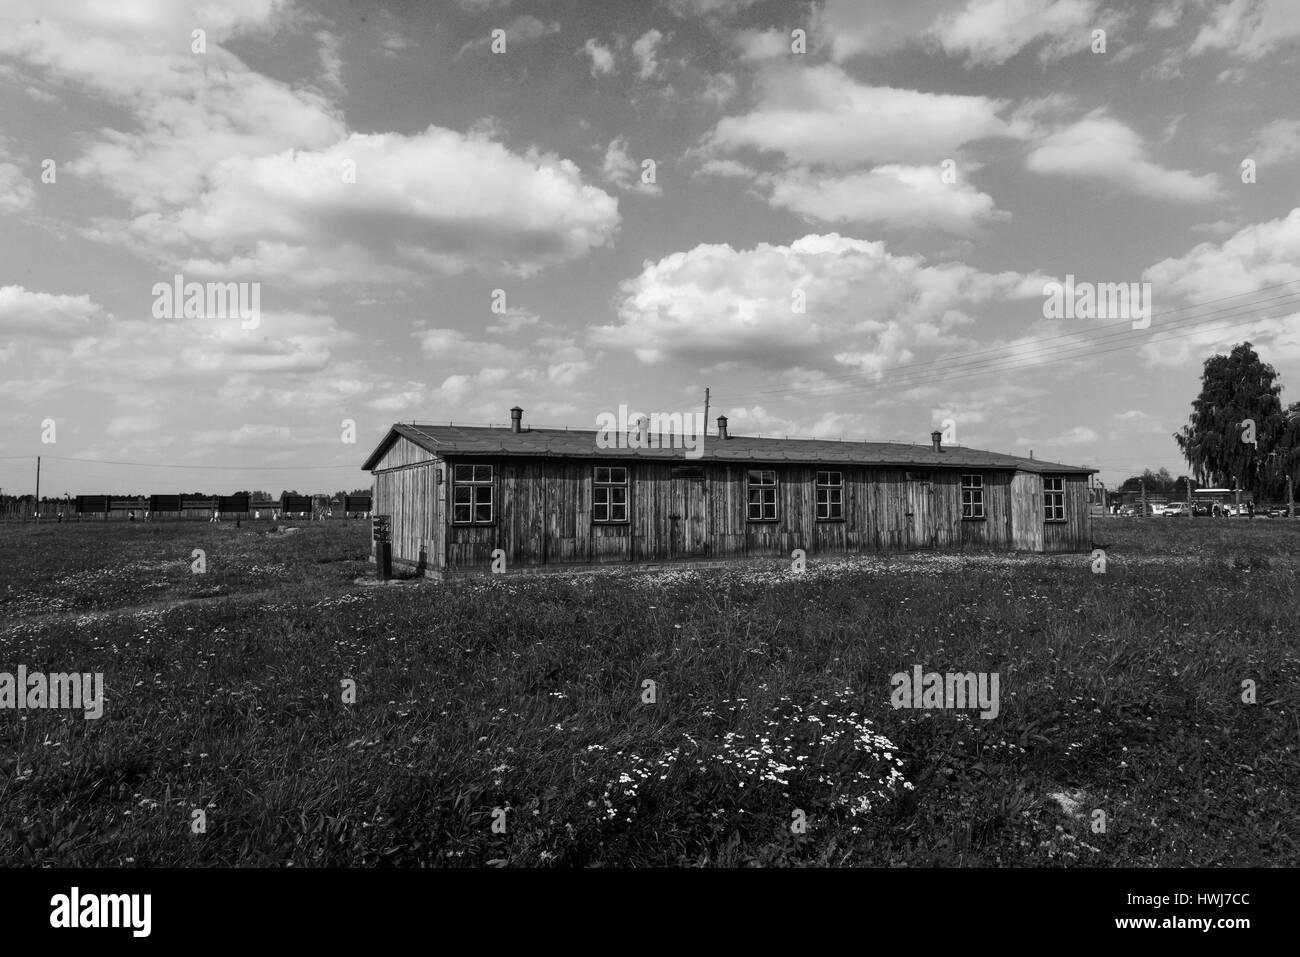 Baracke, Konzentrationslager, Auschwitz-Birkenau, Auschwitz, Polen - Stock Image